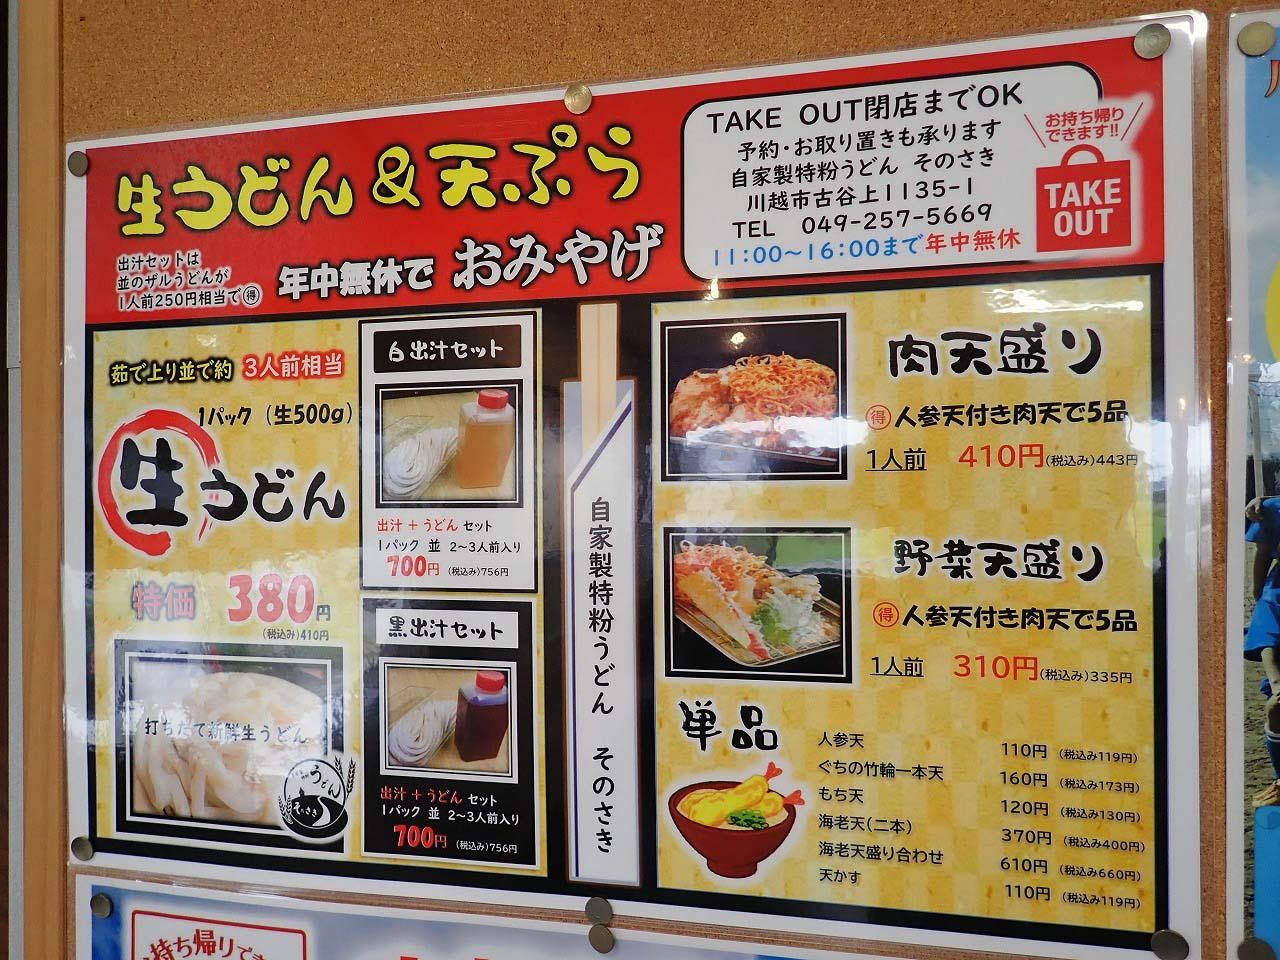 天ぷらのテイクアウトも可能です